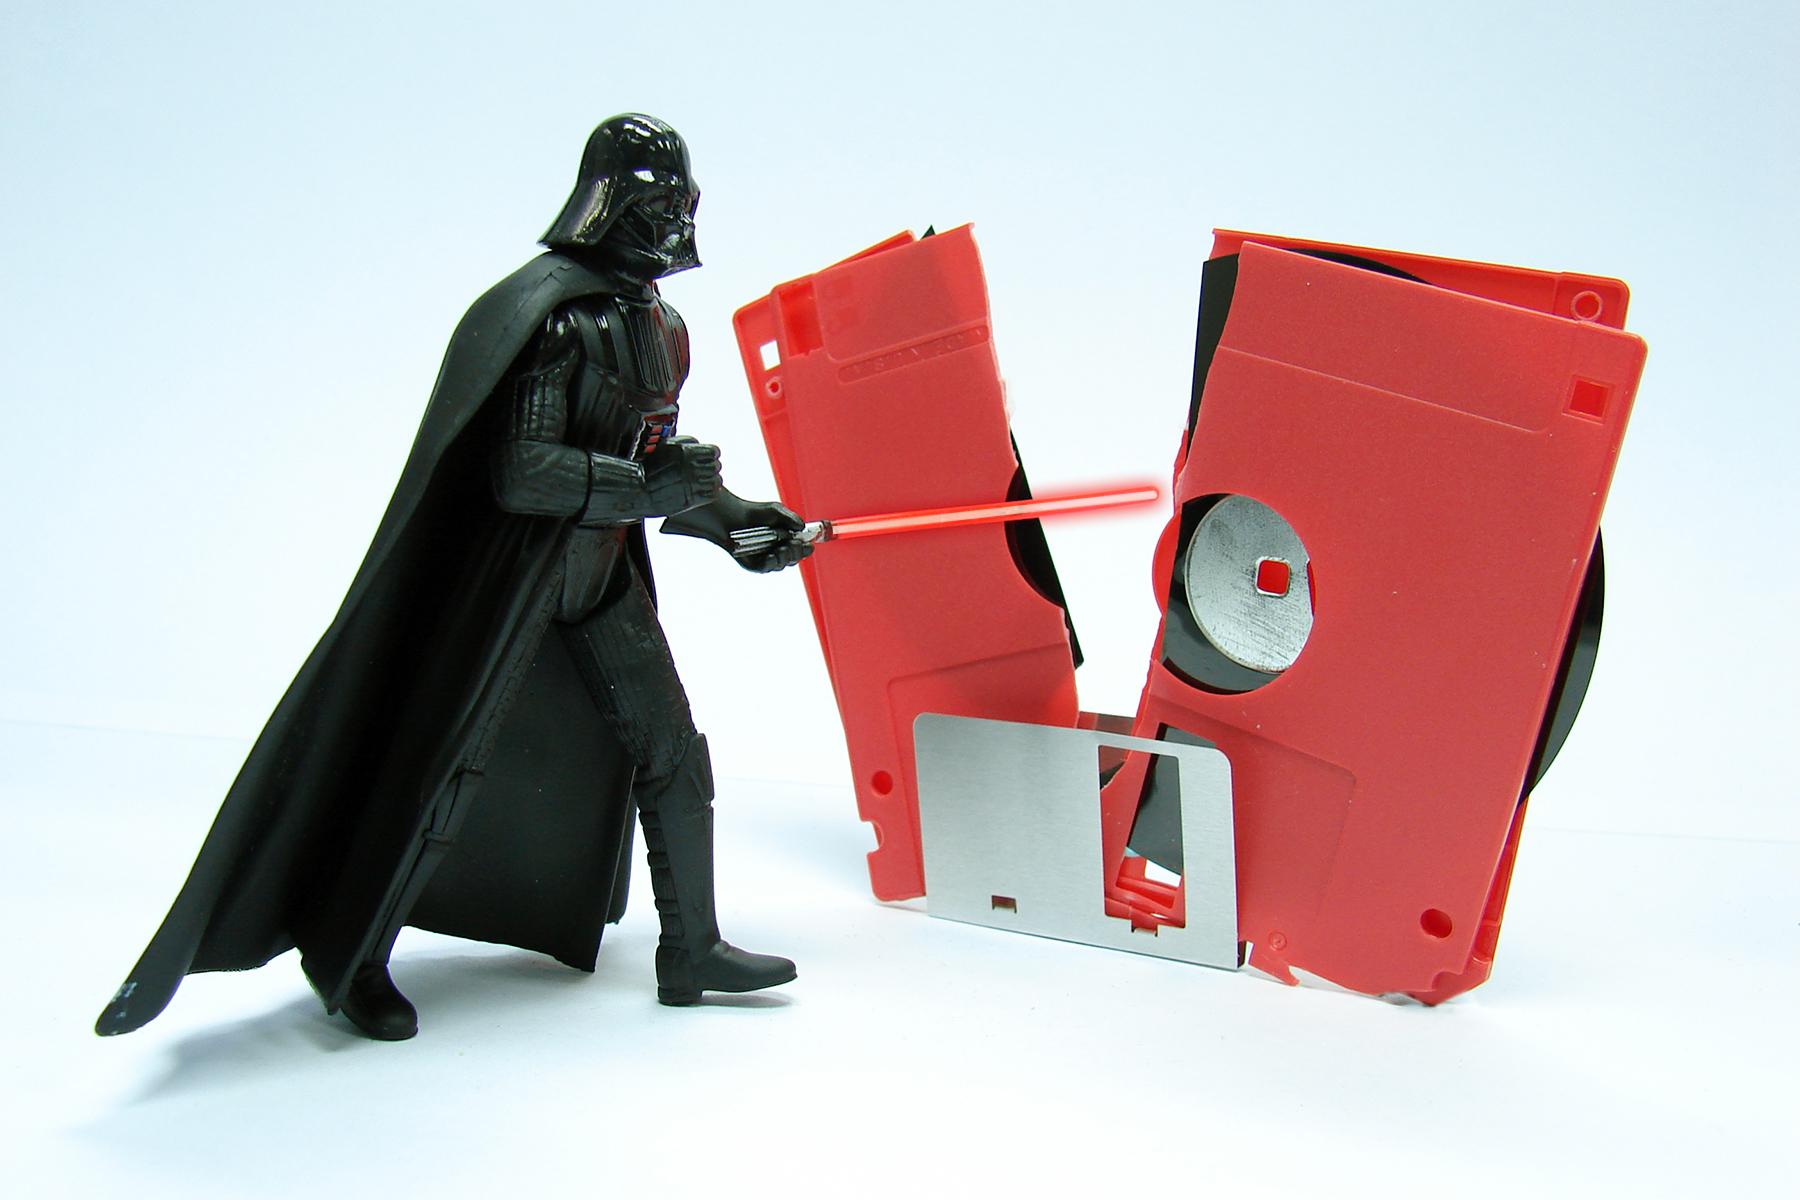 Darth Vader model destroying a floppy disk